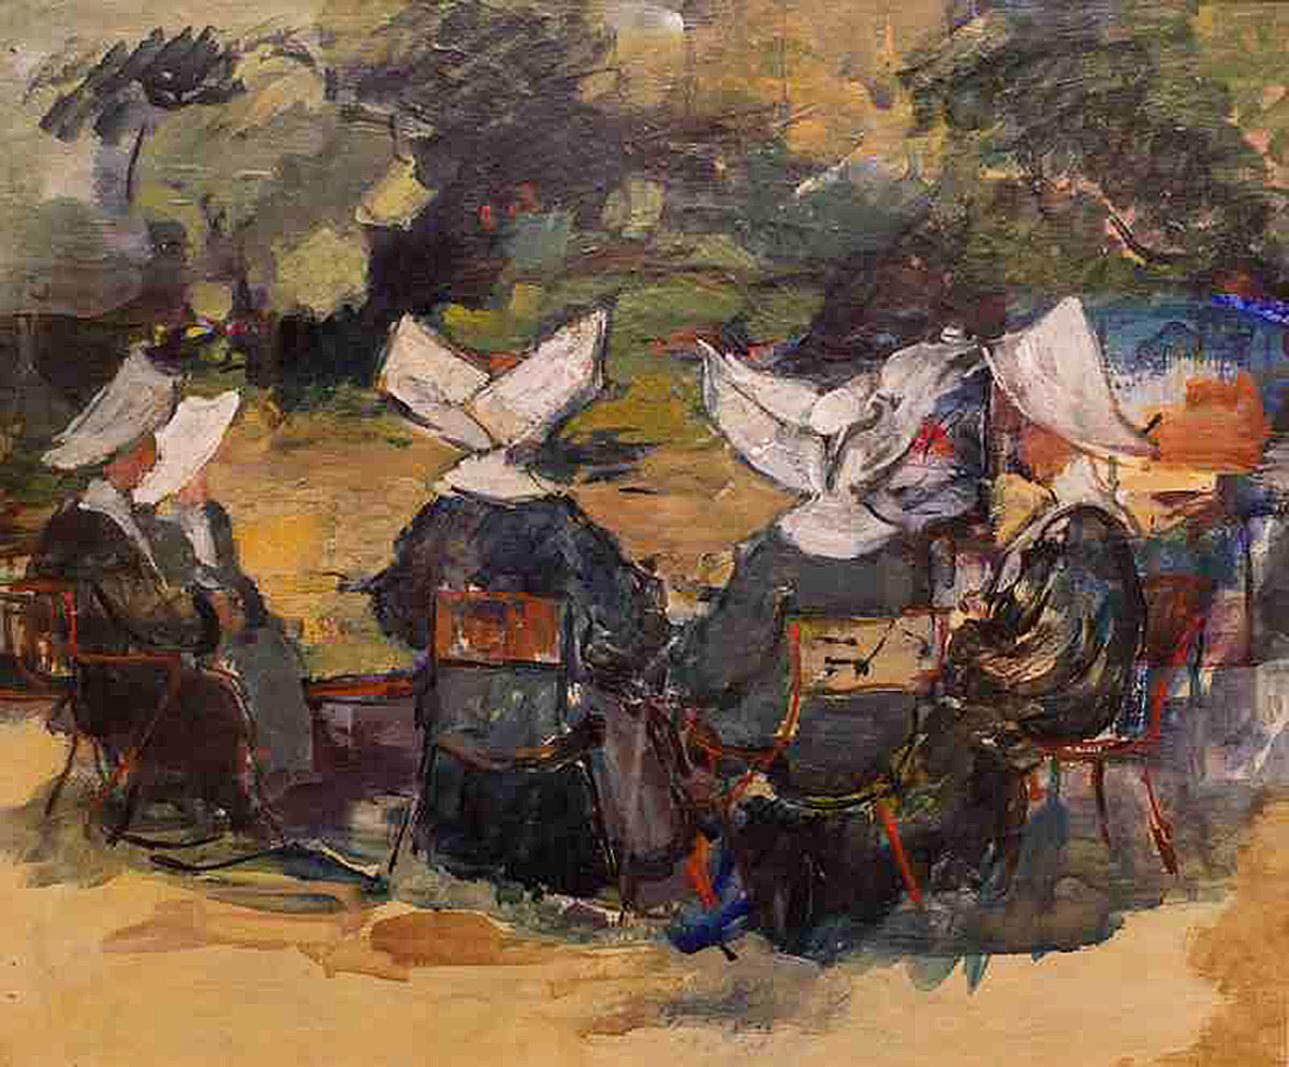 Давід Сейфер. Монахині за столом; олія, полотно